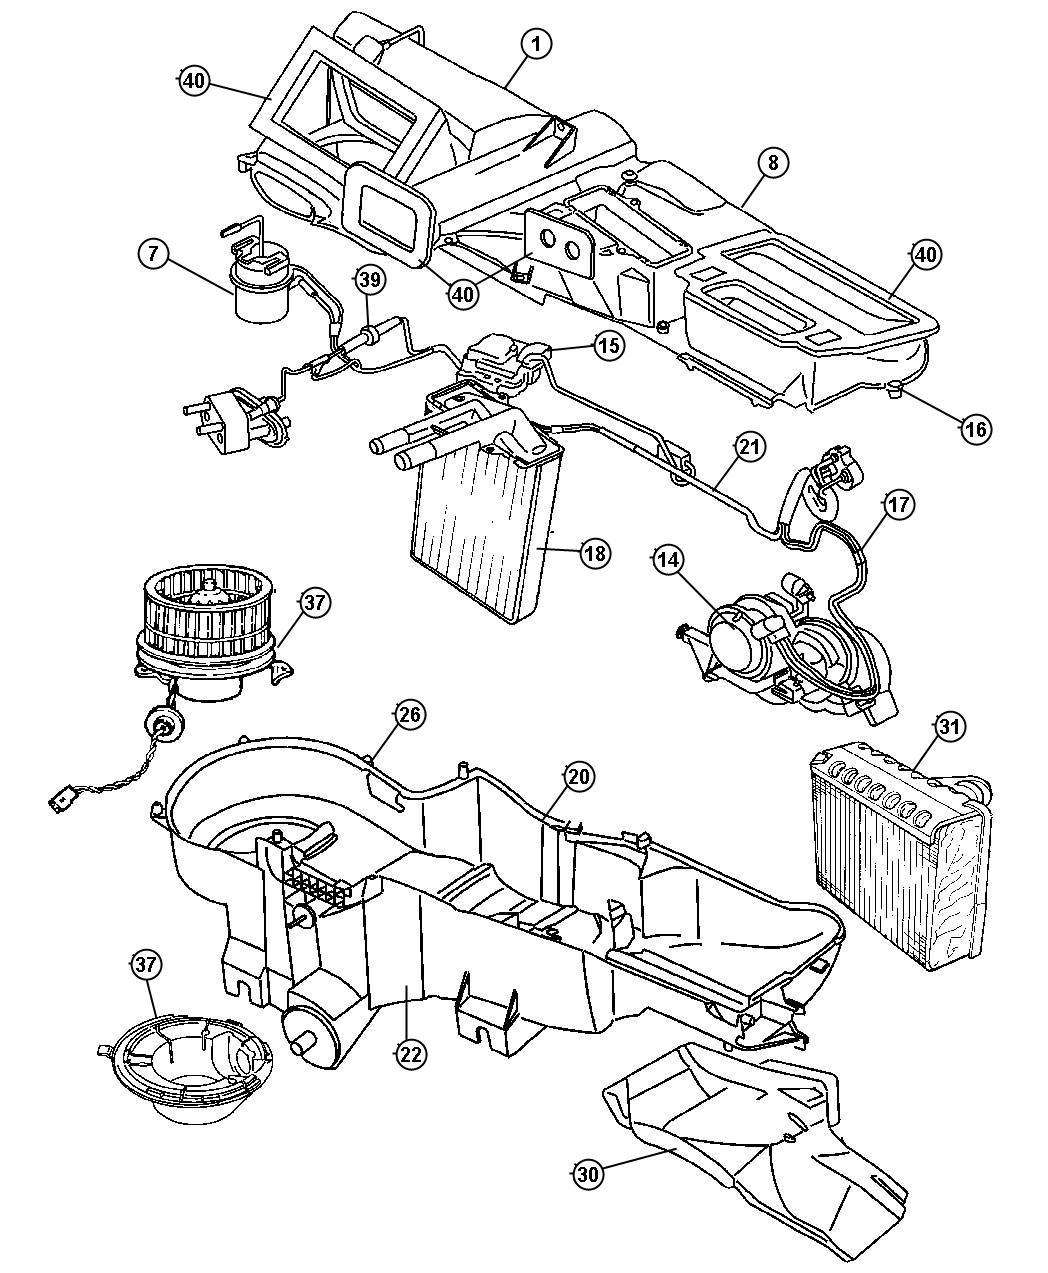 2007 dodge ram 1500 evaporator  air conditioning  coil